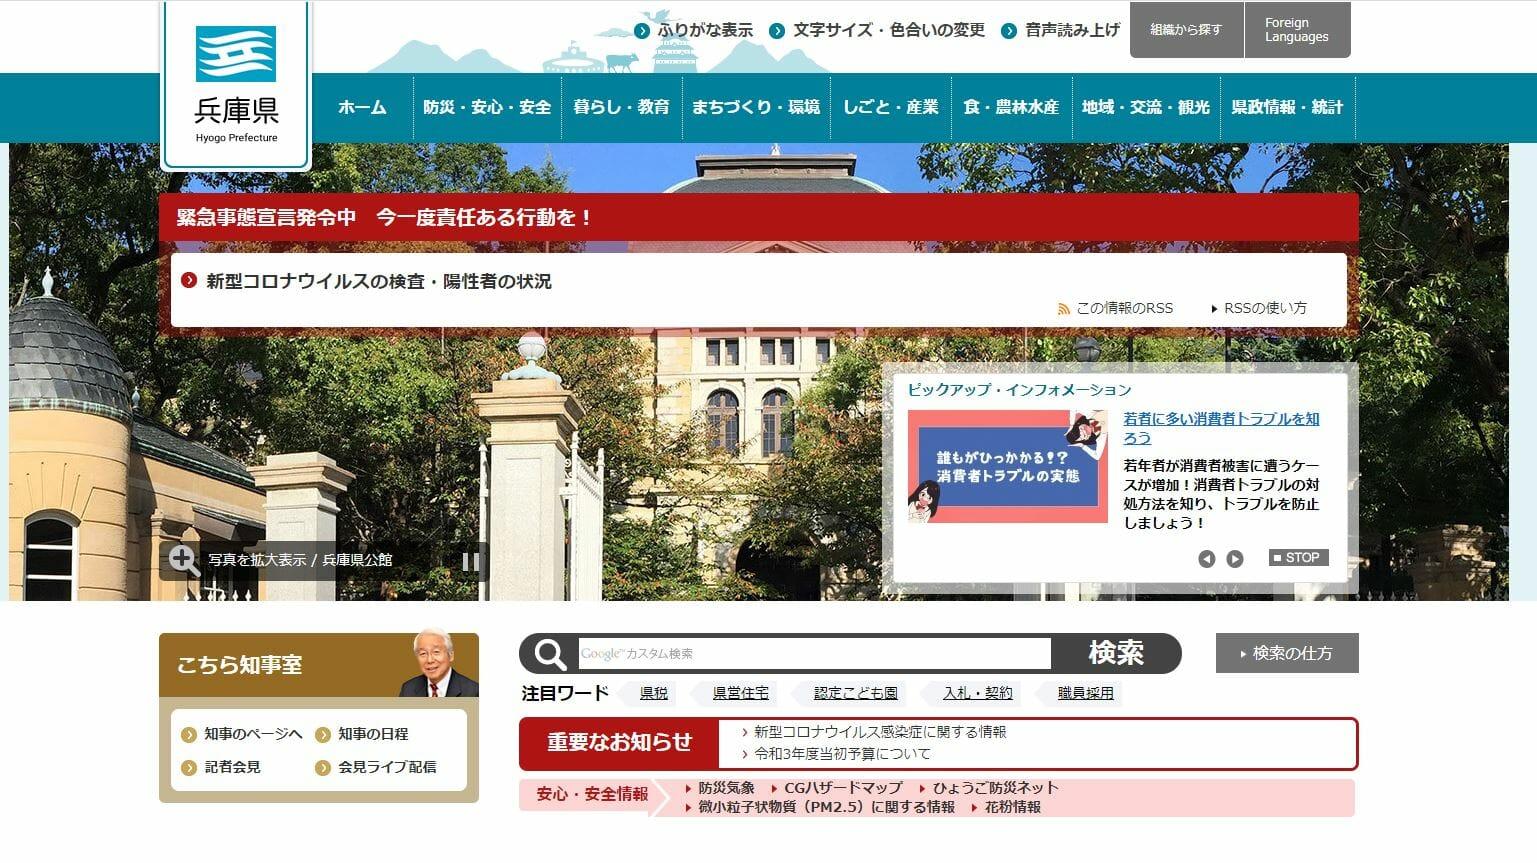 兵庫県のホームページ